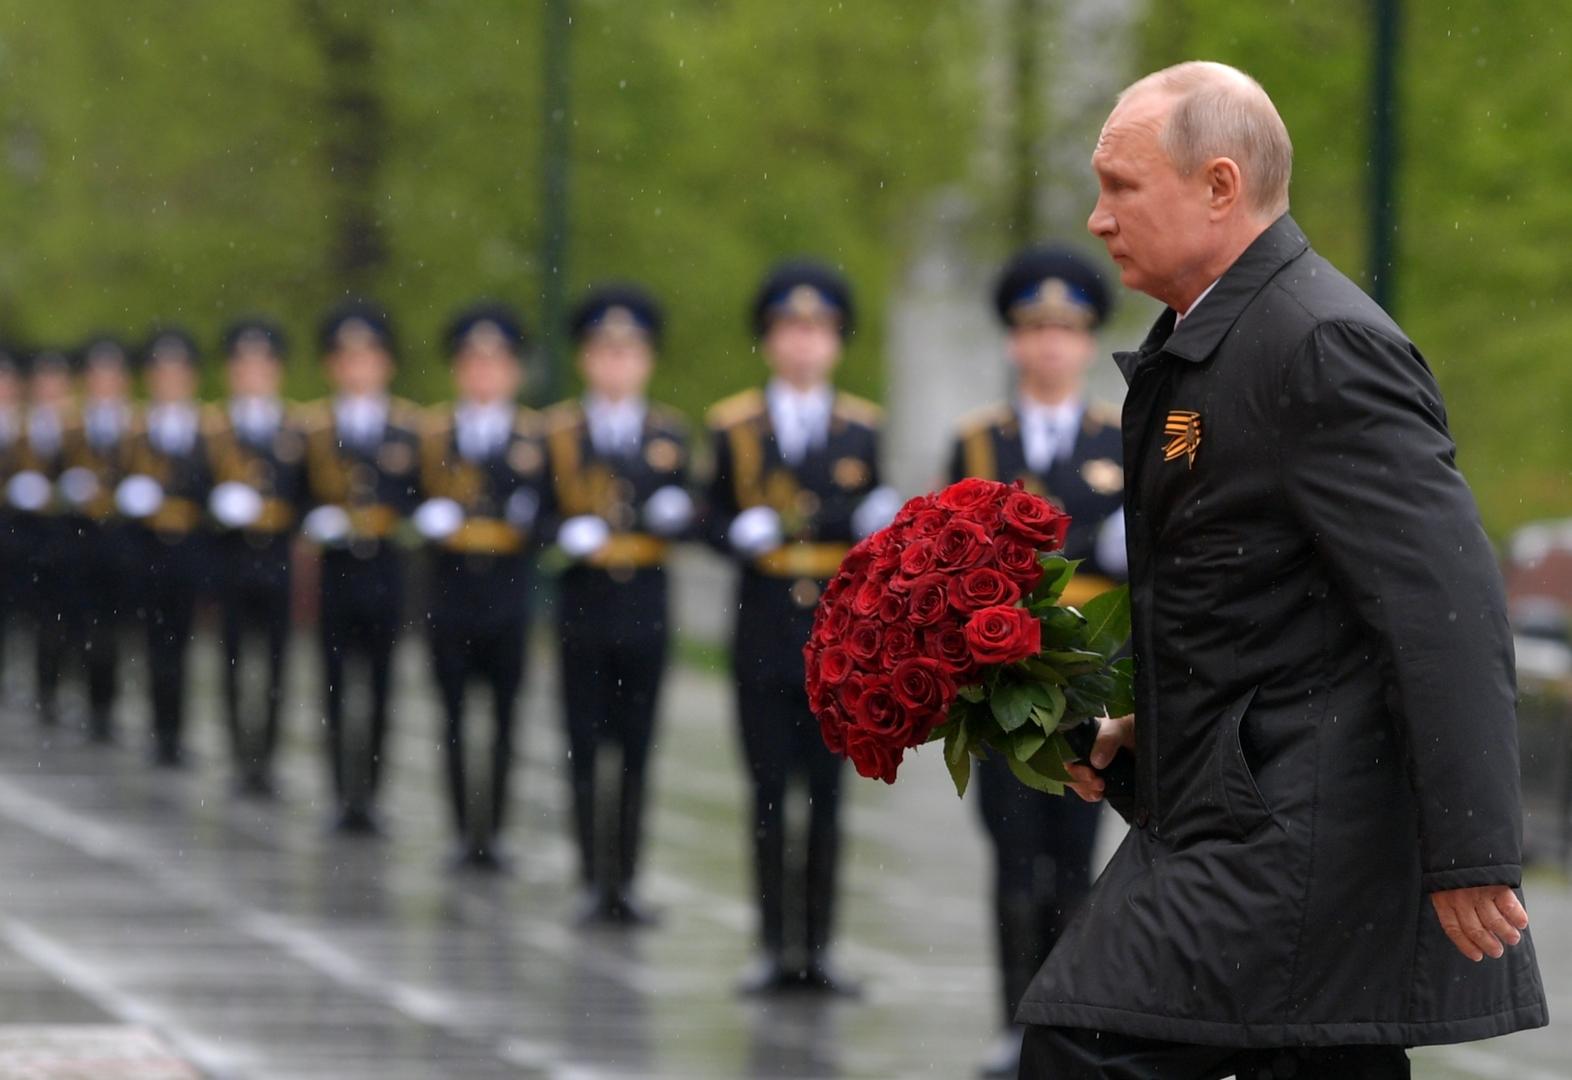 Russlands Präsident Wladimir Putin legt Blumen am Grab des unbekannten Soldaten in Moskau nieder.